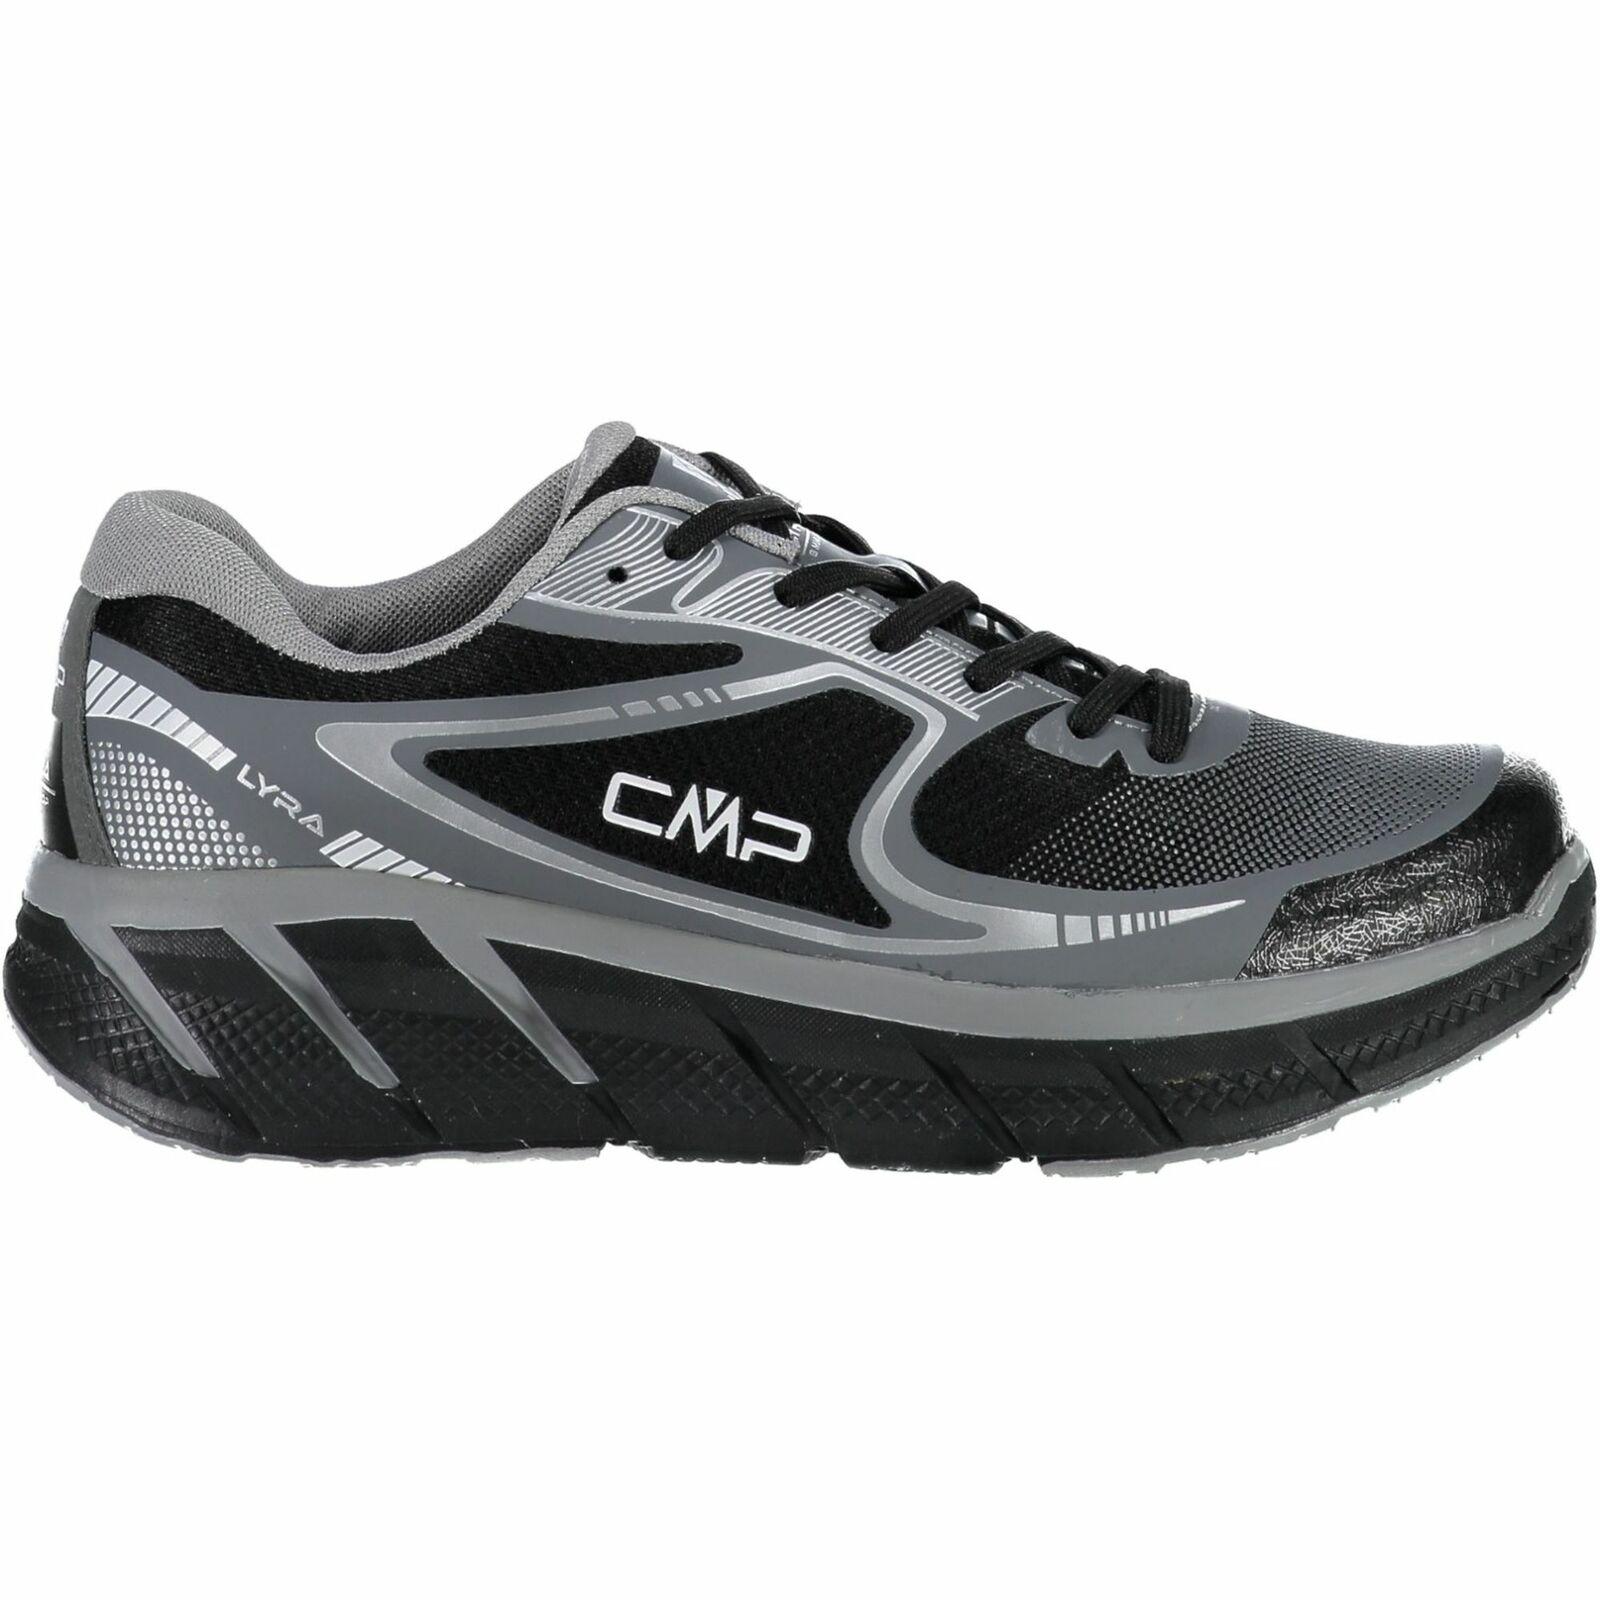 CMP zapatillas calzado deportivo Lyra maxi running zapatos negro monocromo Mesh